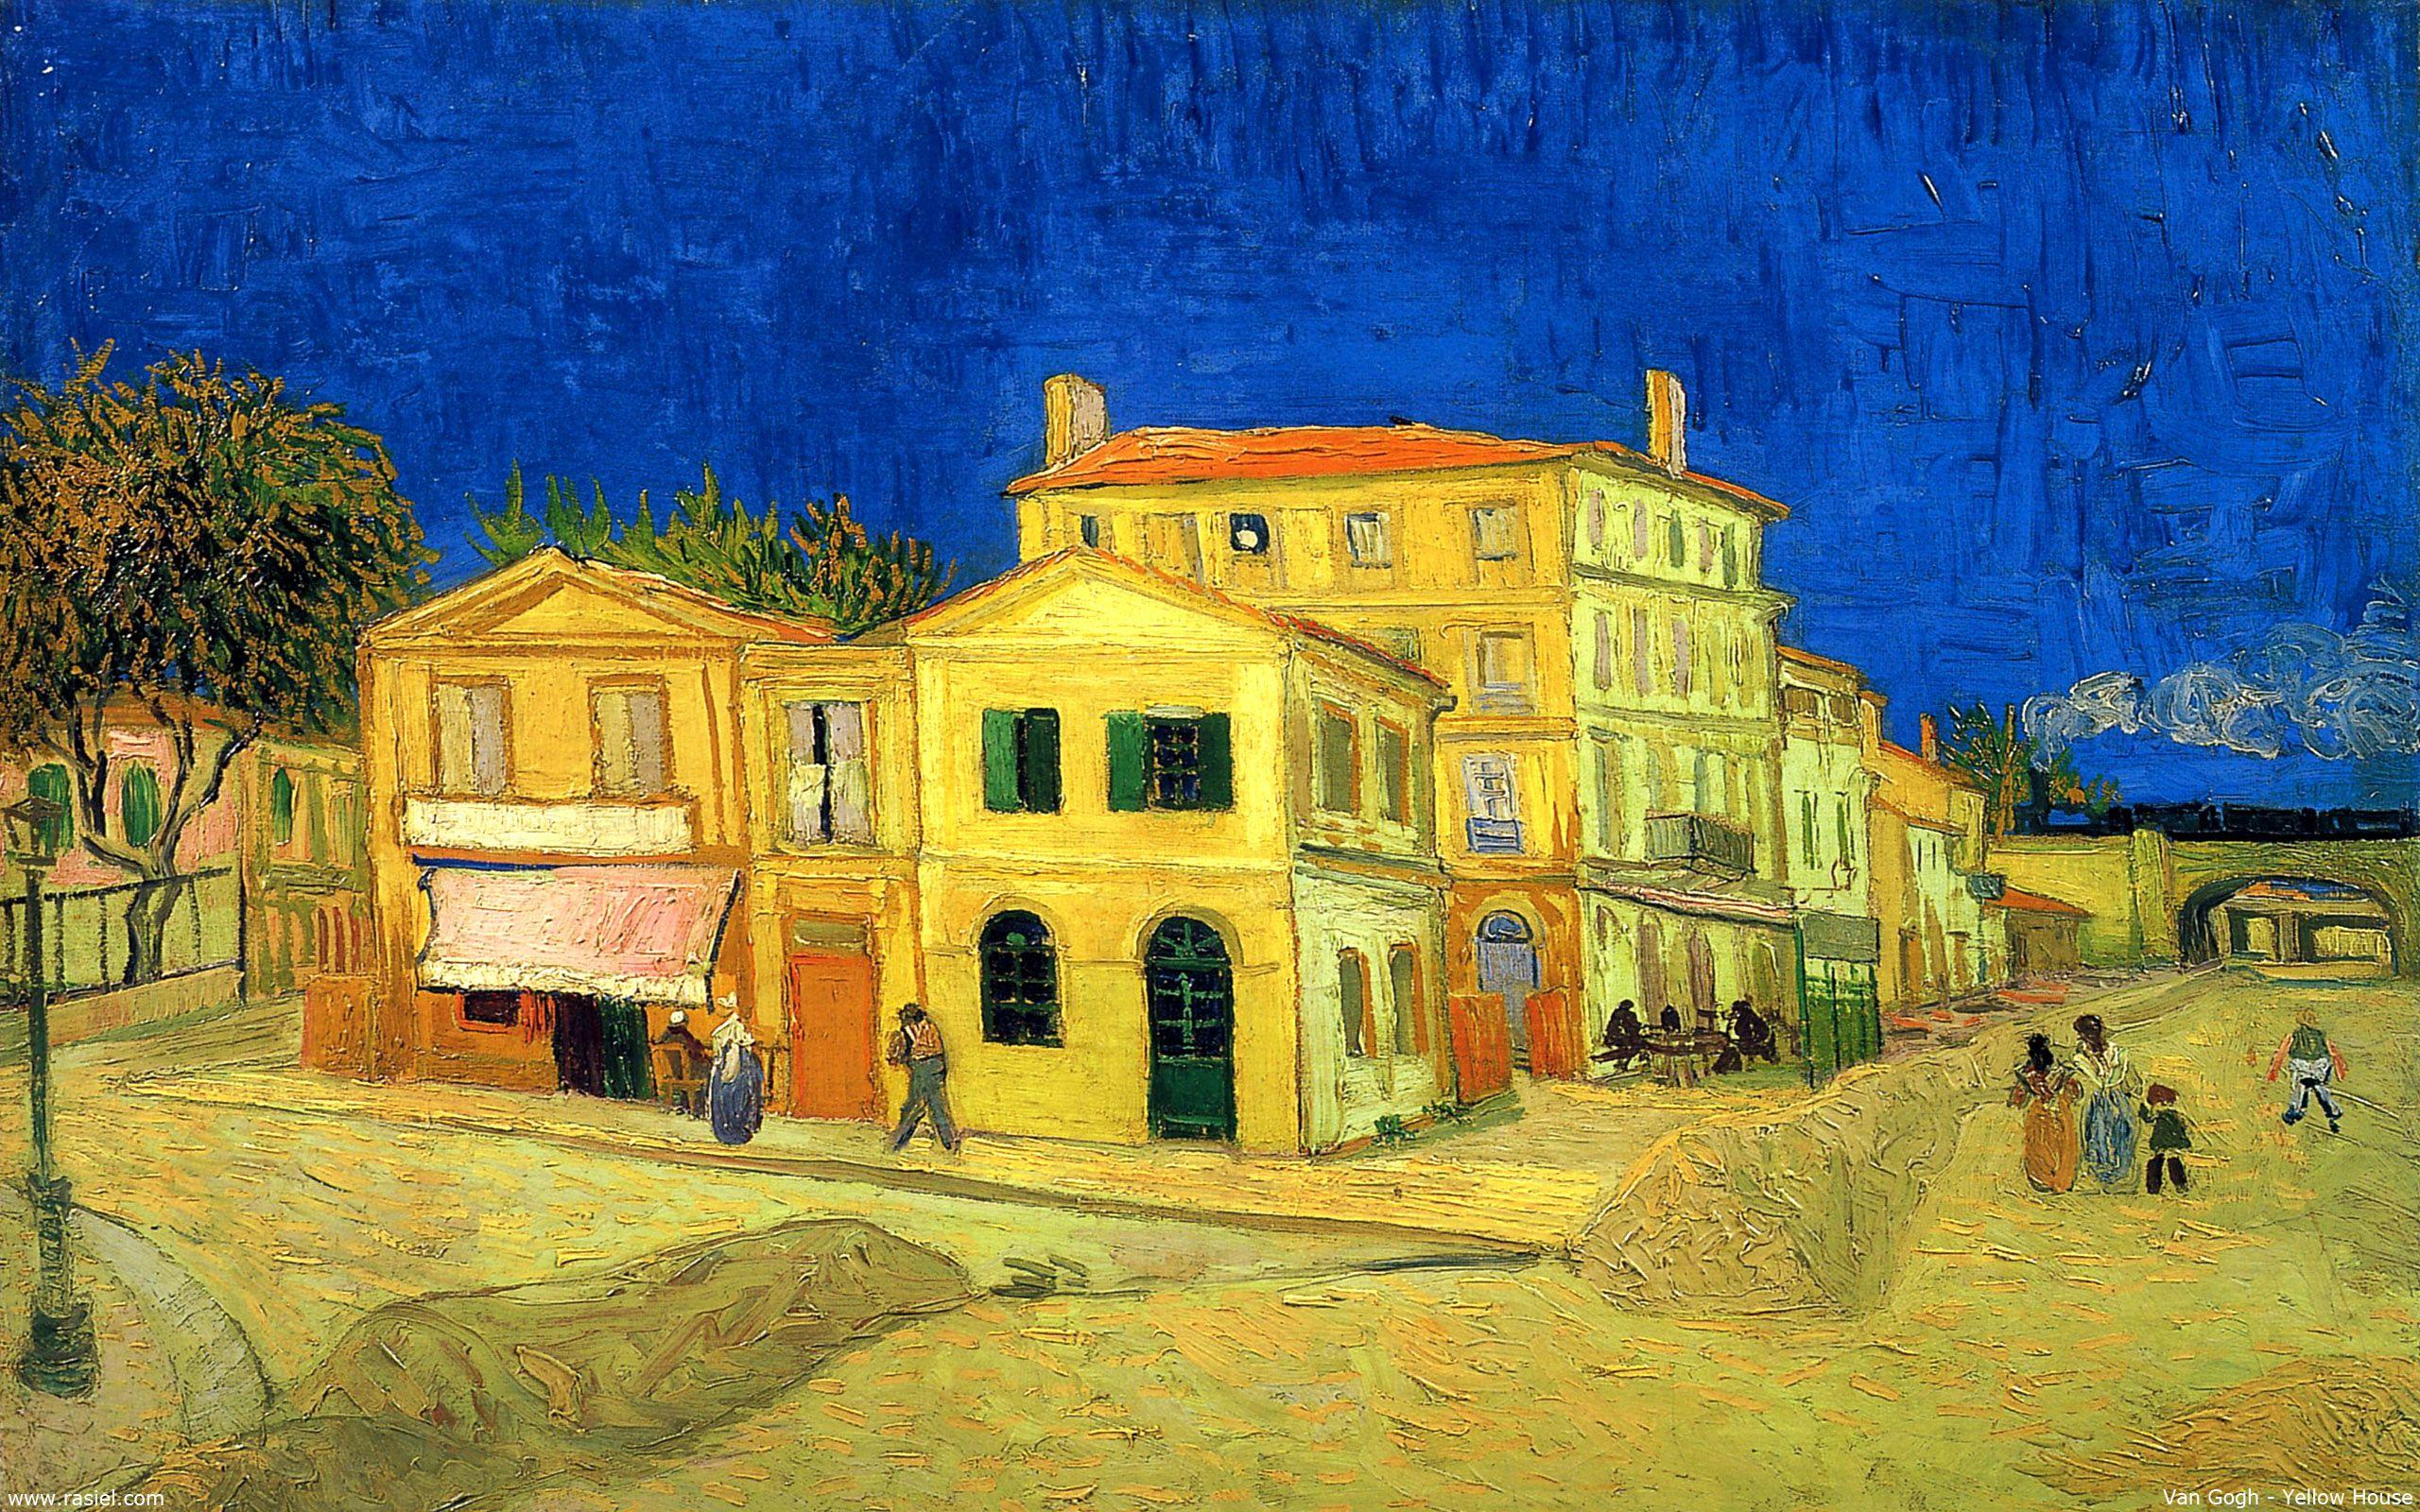 Yellow House Van Gogh Hd Image Vincent Van Gogh Paintings Artist Van Gogh Vincent Van Gogh Art